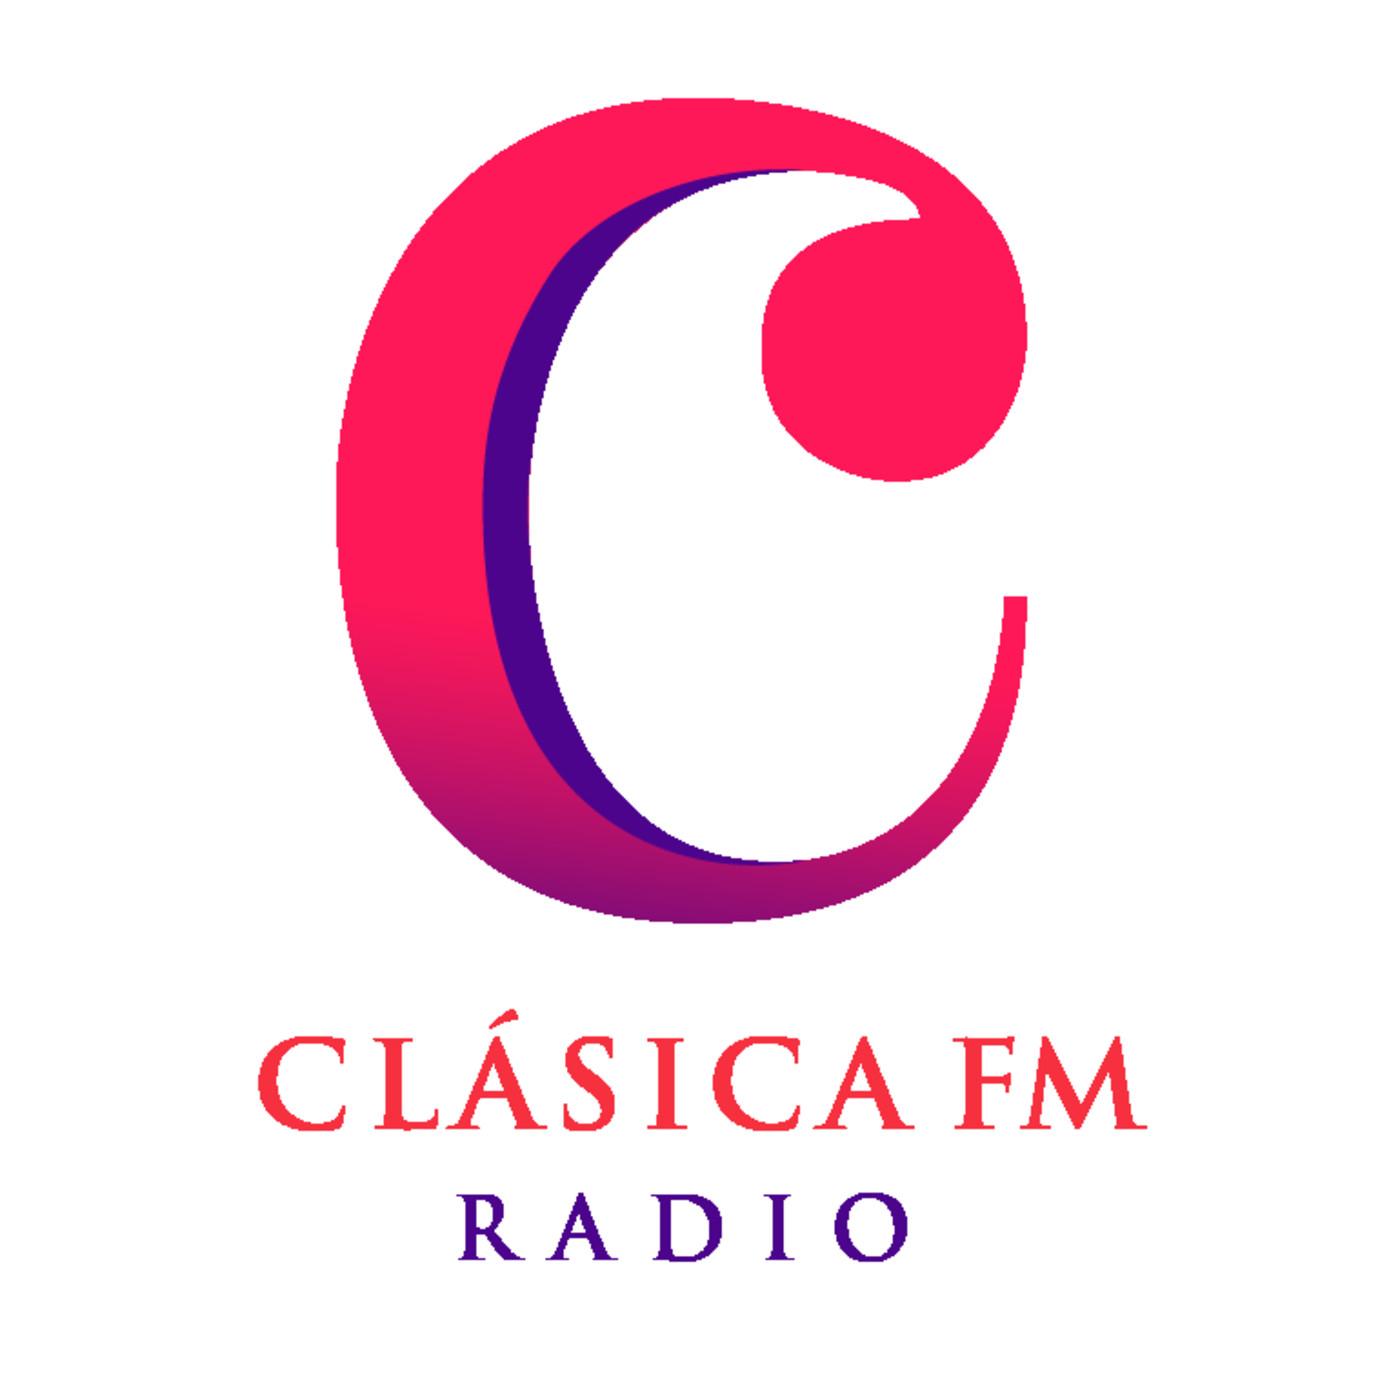 <![CDATA[Clásica FM Radio - Podcast de Música Clásica]]>